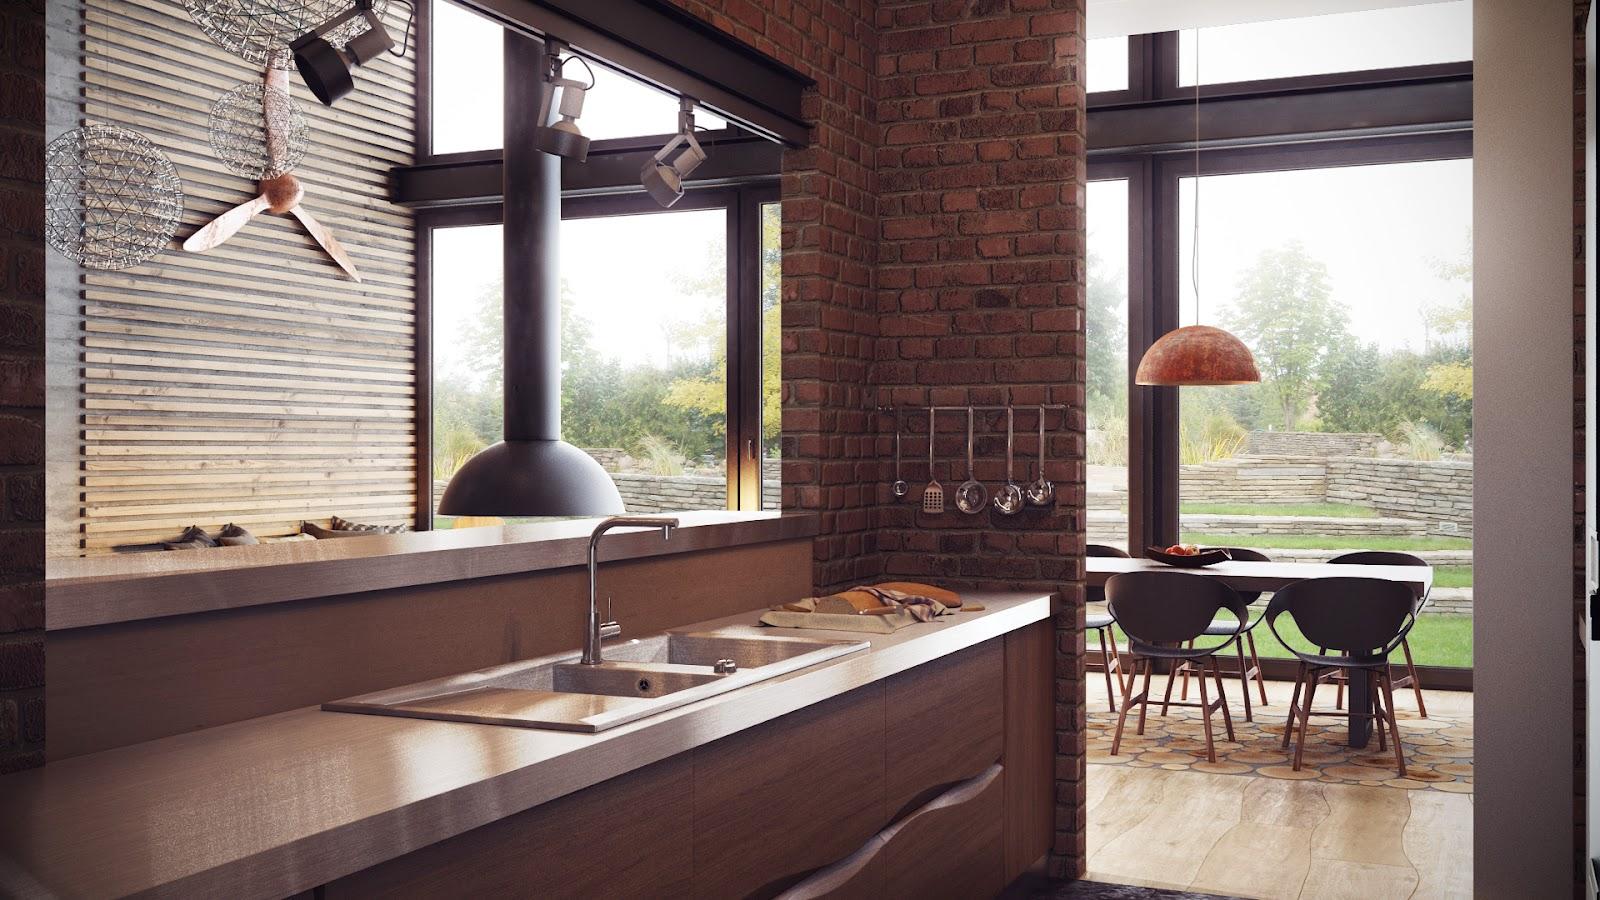 decoración industrial cocina armarios madera ideas